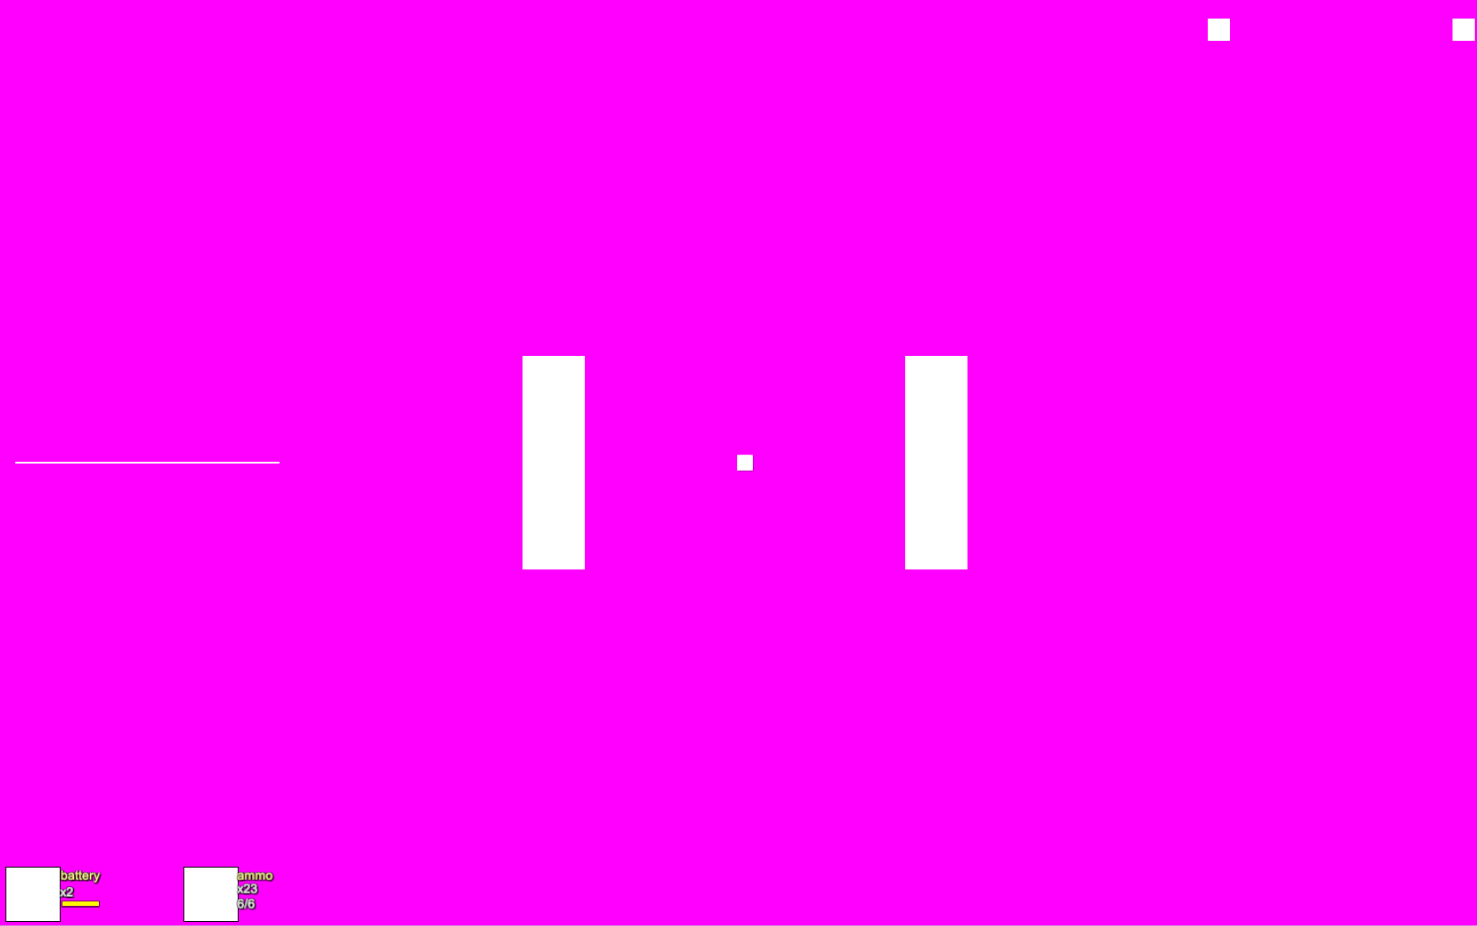 upload_2020-7-17_15-2-24.png